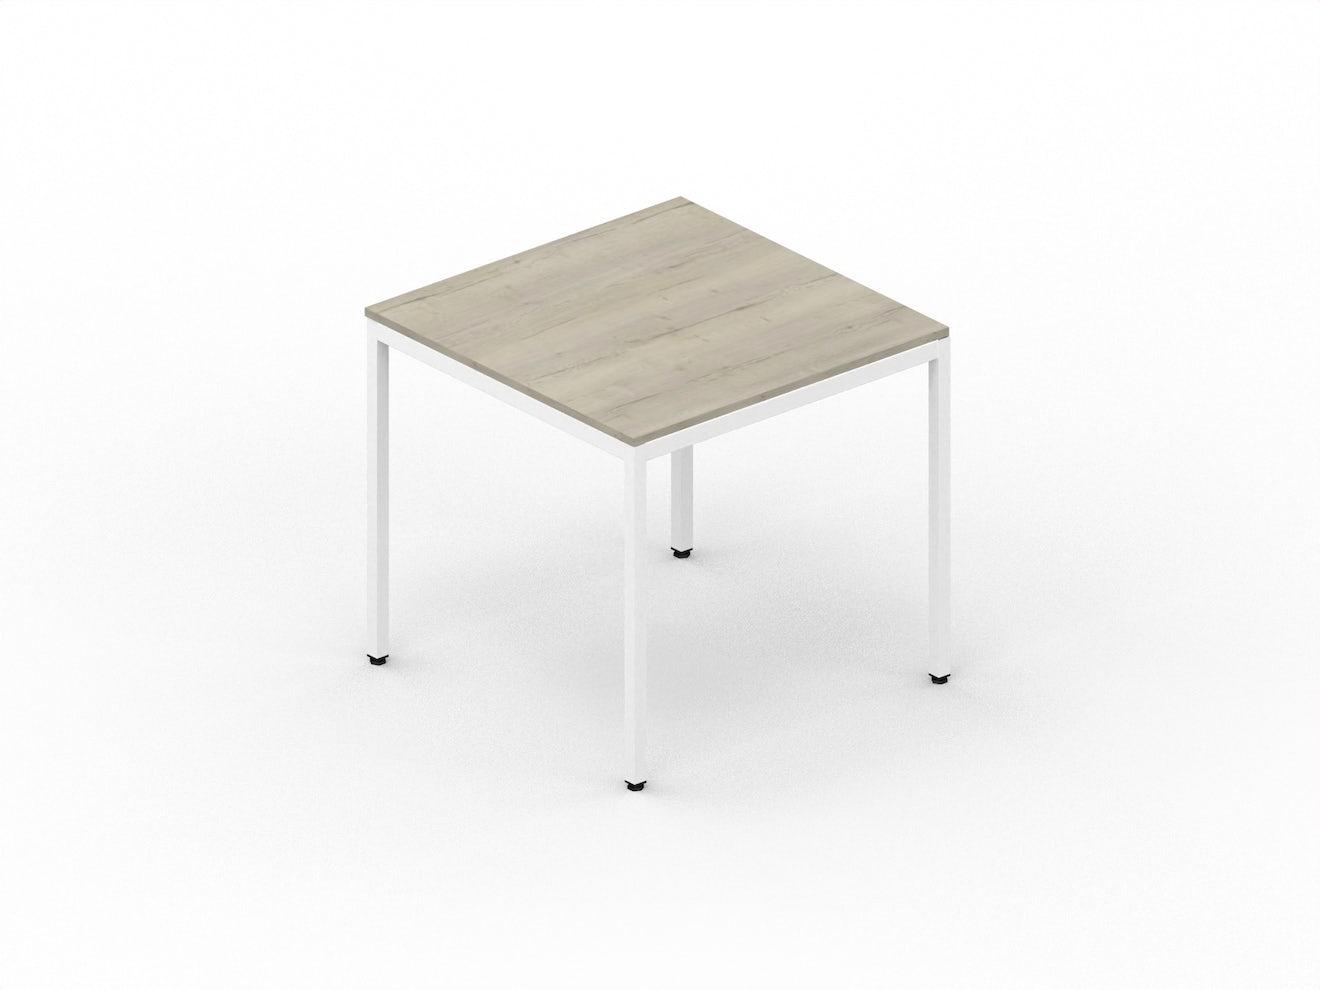 Vierkante multifunctionele tafel DECO